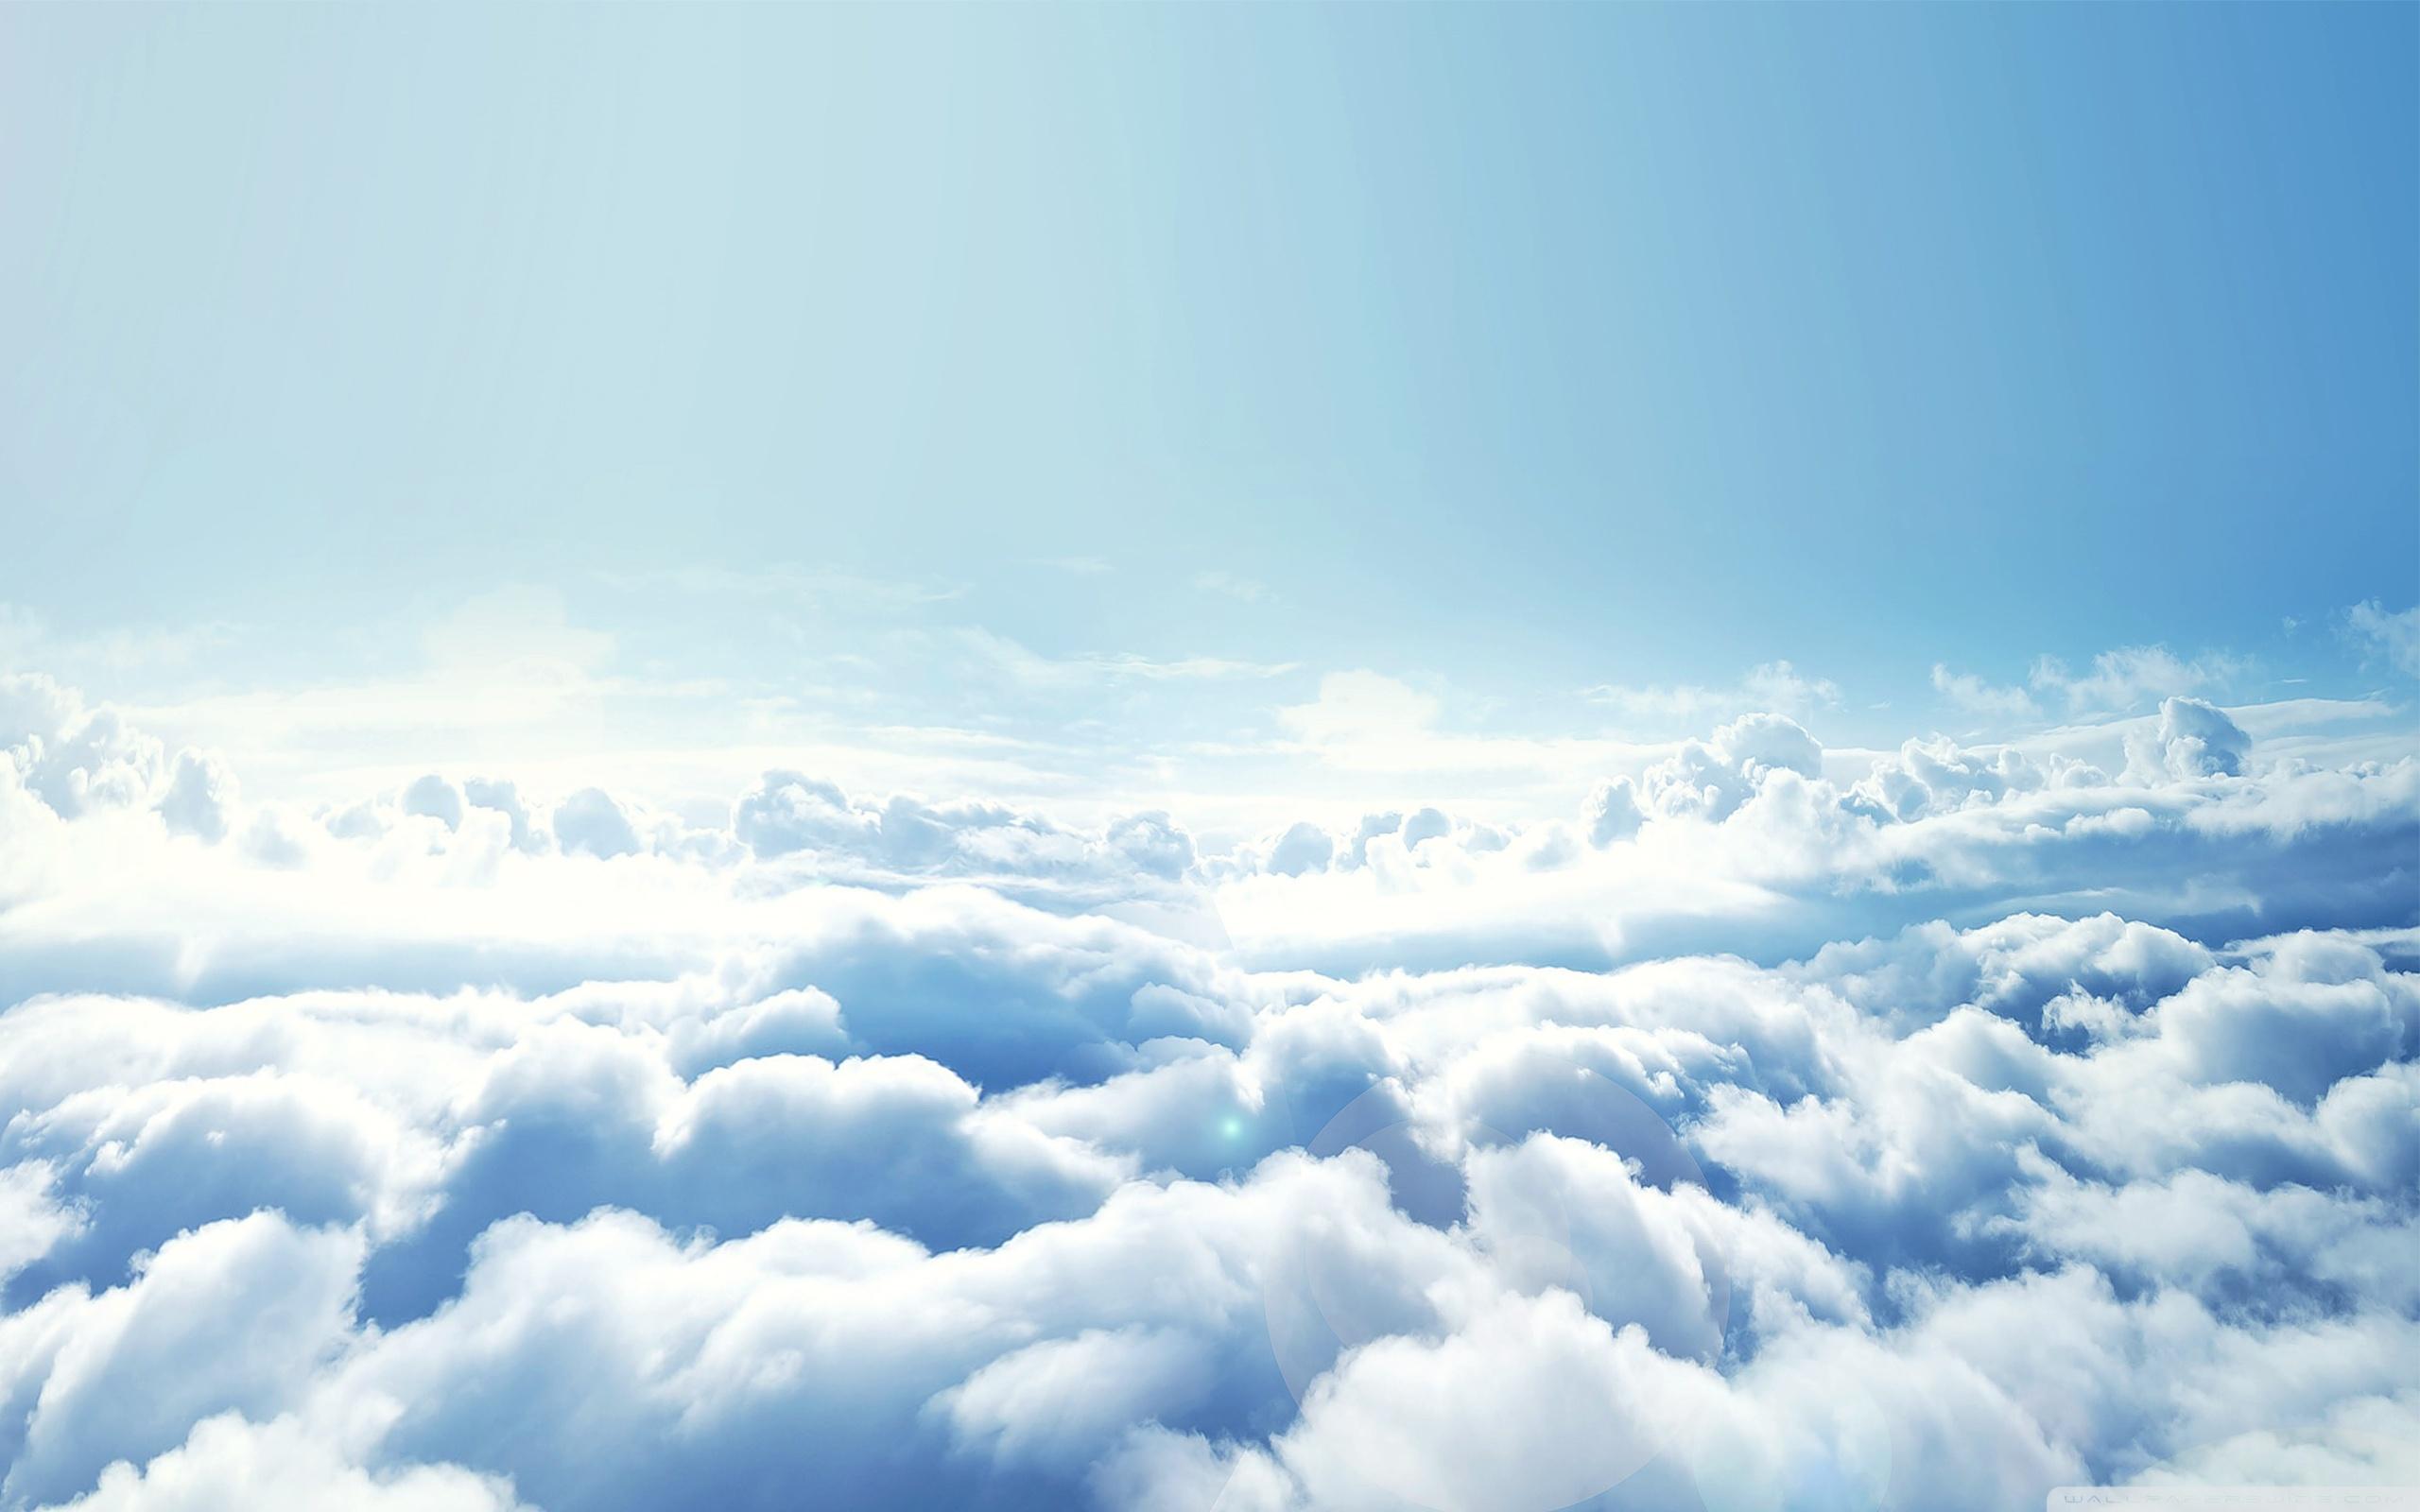 Winter Clouds ❤ 4K HD Desktop Wallpaper for 4K Ultra HD TV • Dual ...